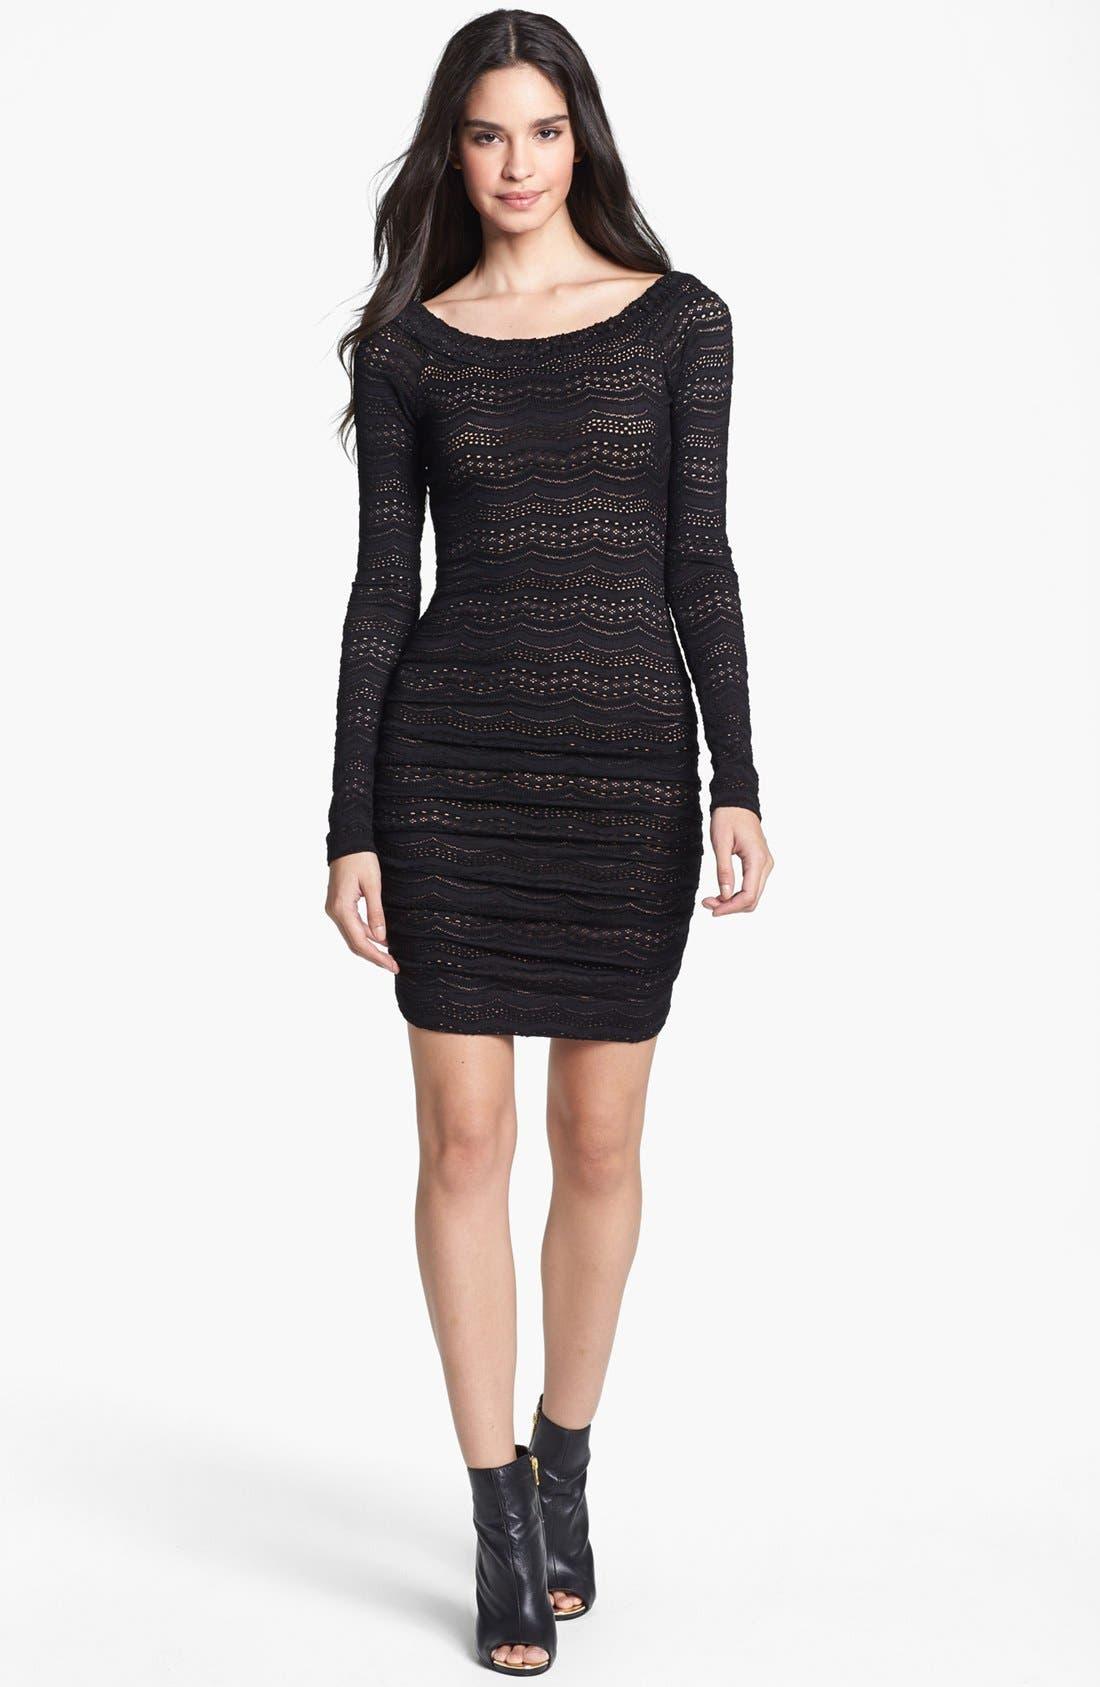 Alternate Image 1 Selected - BCBGMAXAZRIA Lace Body-Con Dress